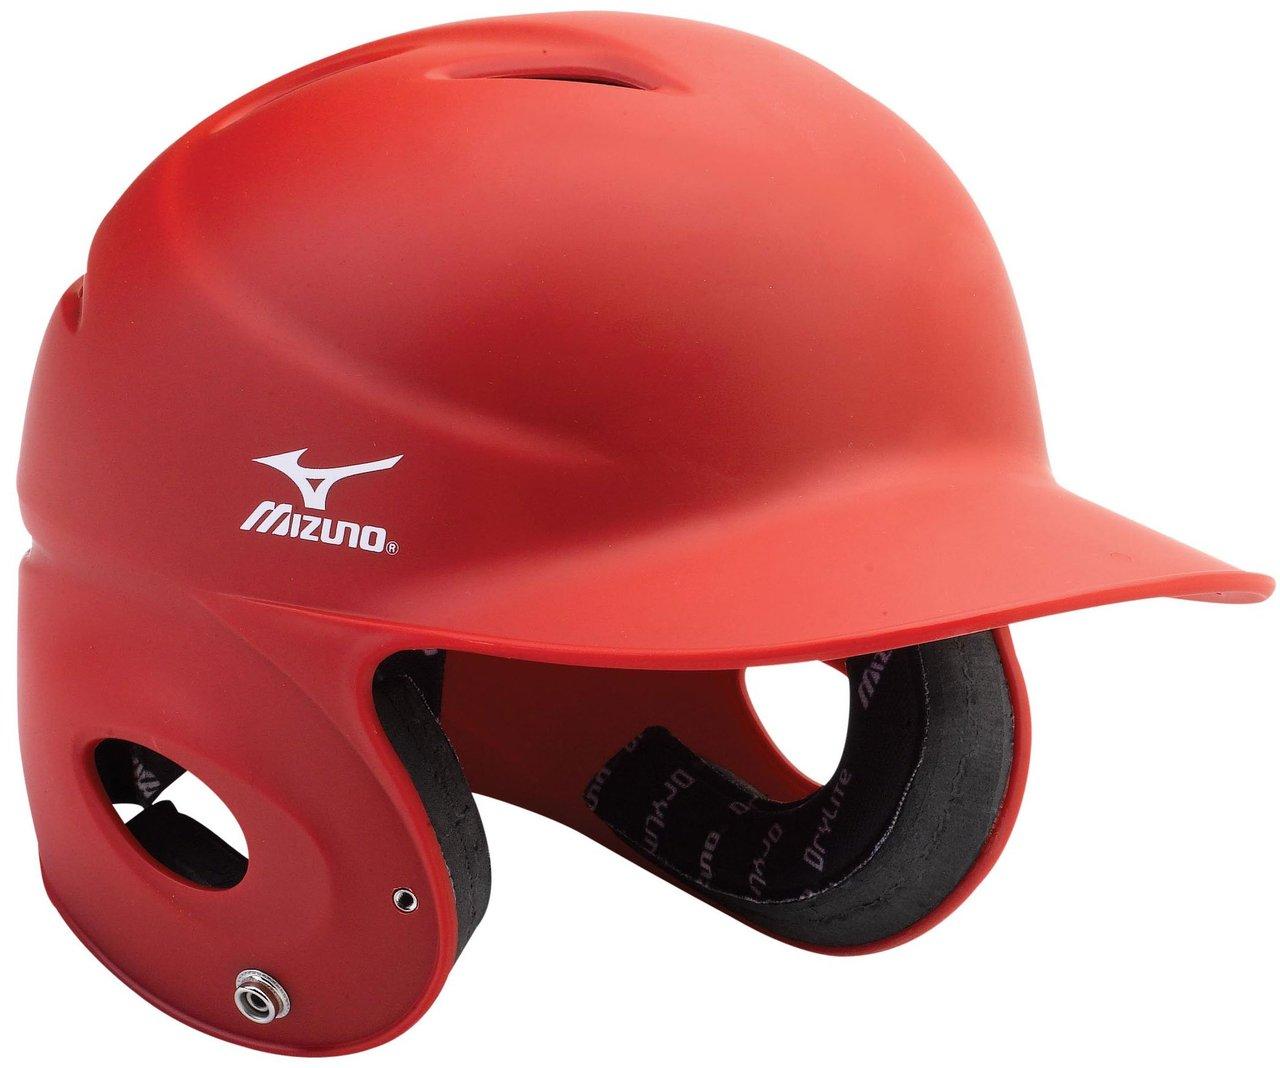 mizuno-mvp-fitted-batters-helmet-red-small 380136-RedSmall Mizuno 041969965399 Unique matte finish